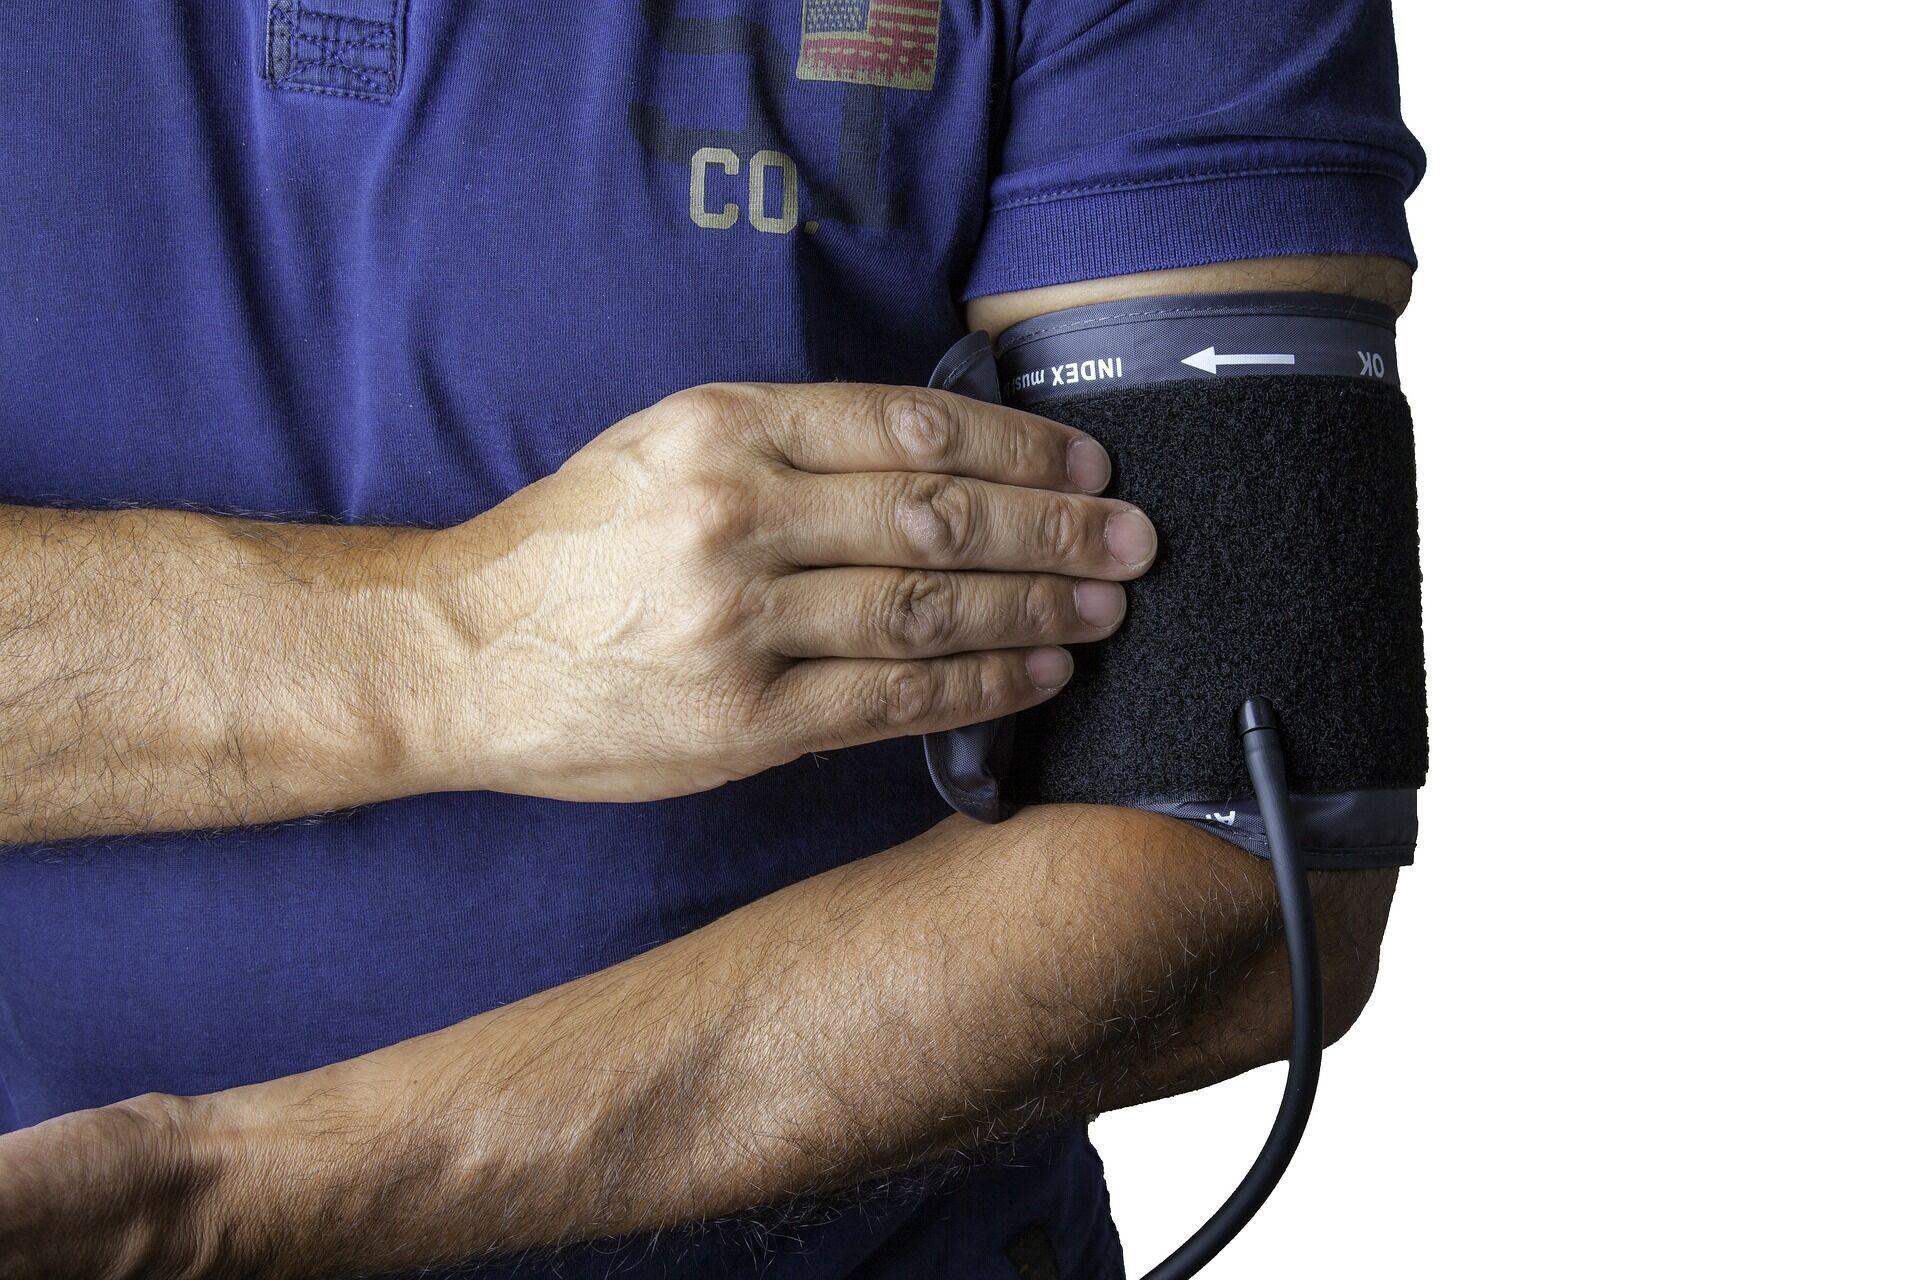 Международный день борьбы с инсультом отмечают 29 октября.